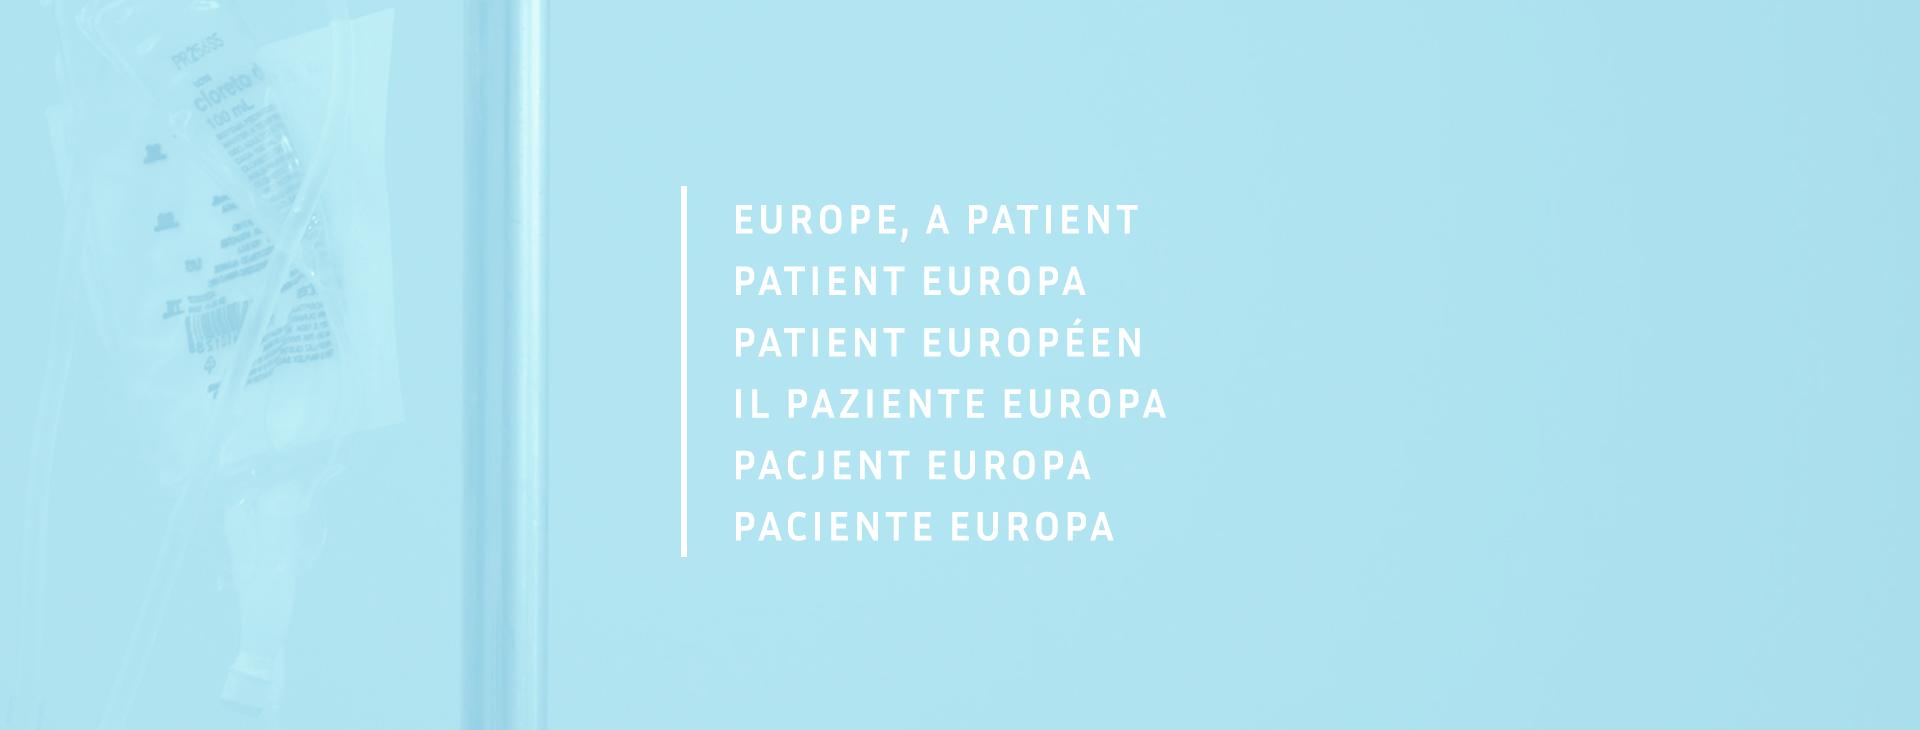 Popieramy #Pacjent Europa -  wszyscy będziemy potrzebować pomocy po pandemii COVID-19